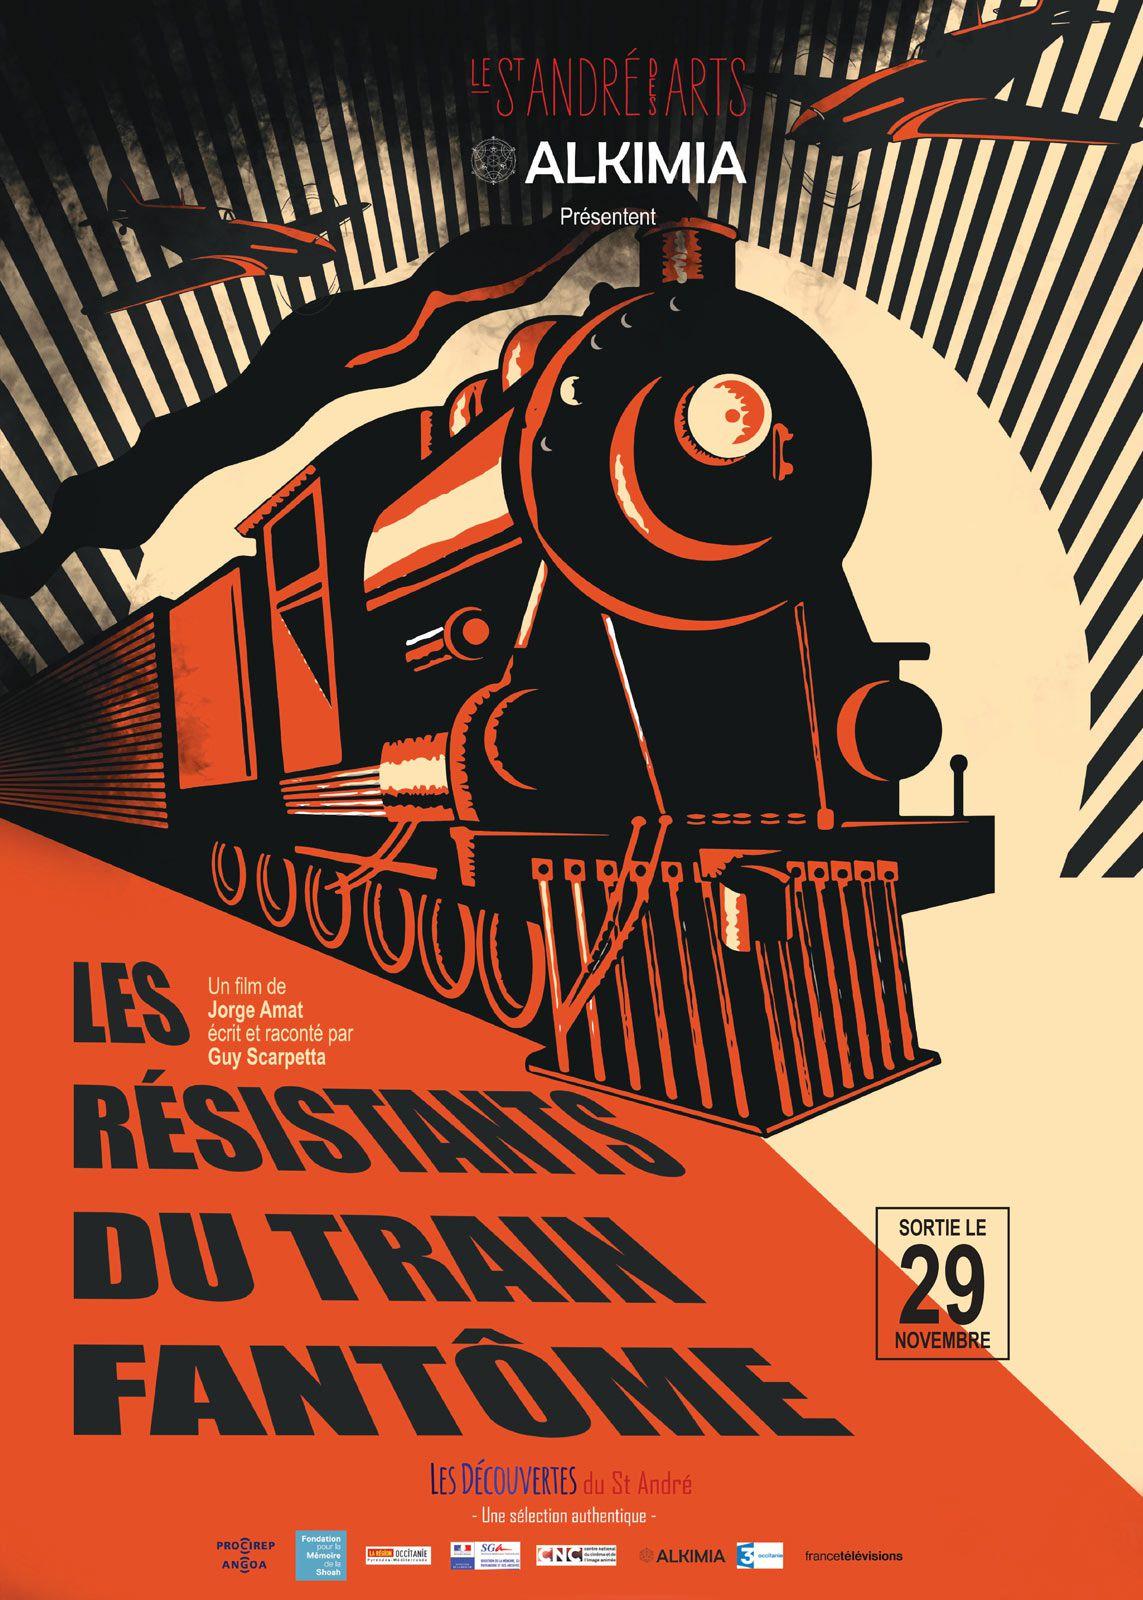 Les résistants du train fantôme - Documentaire (2017)